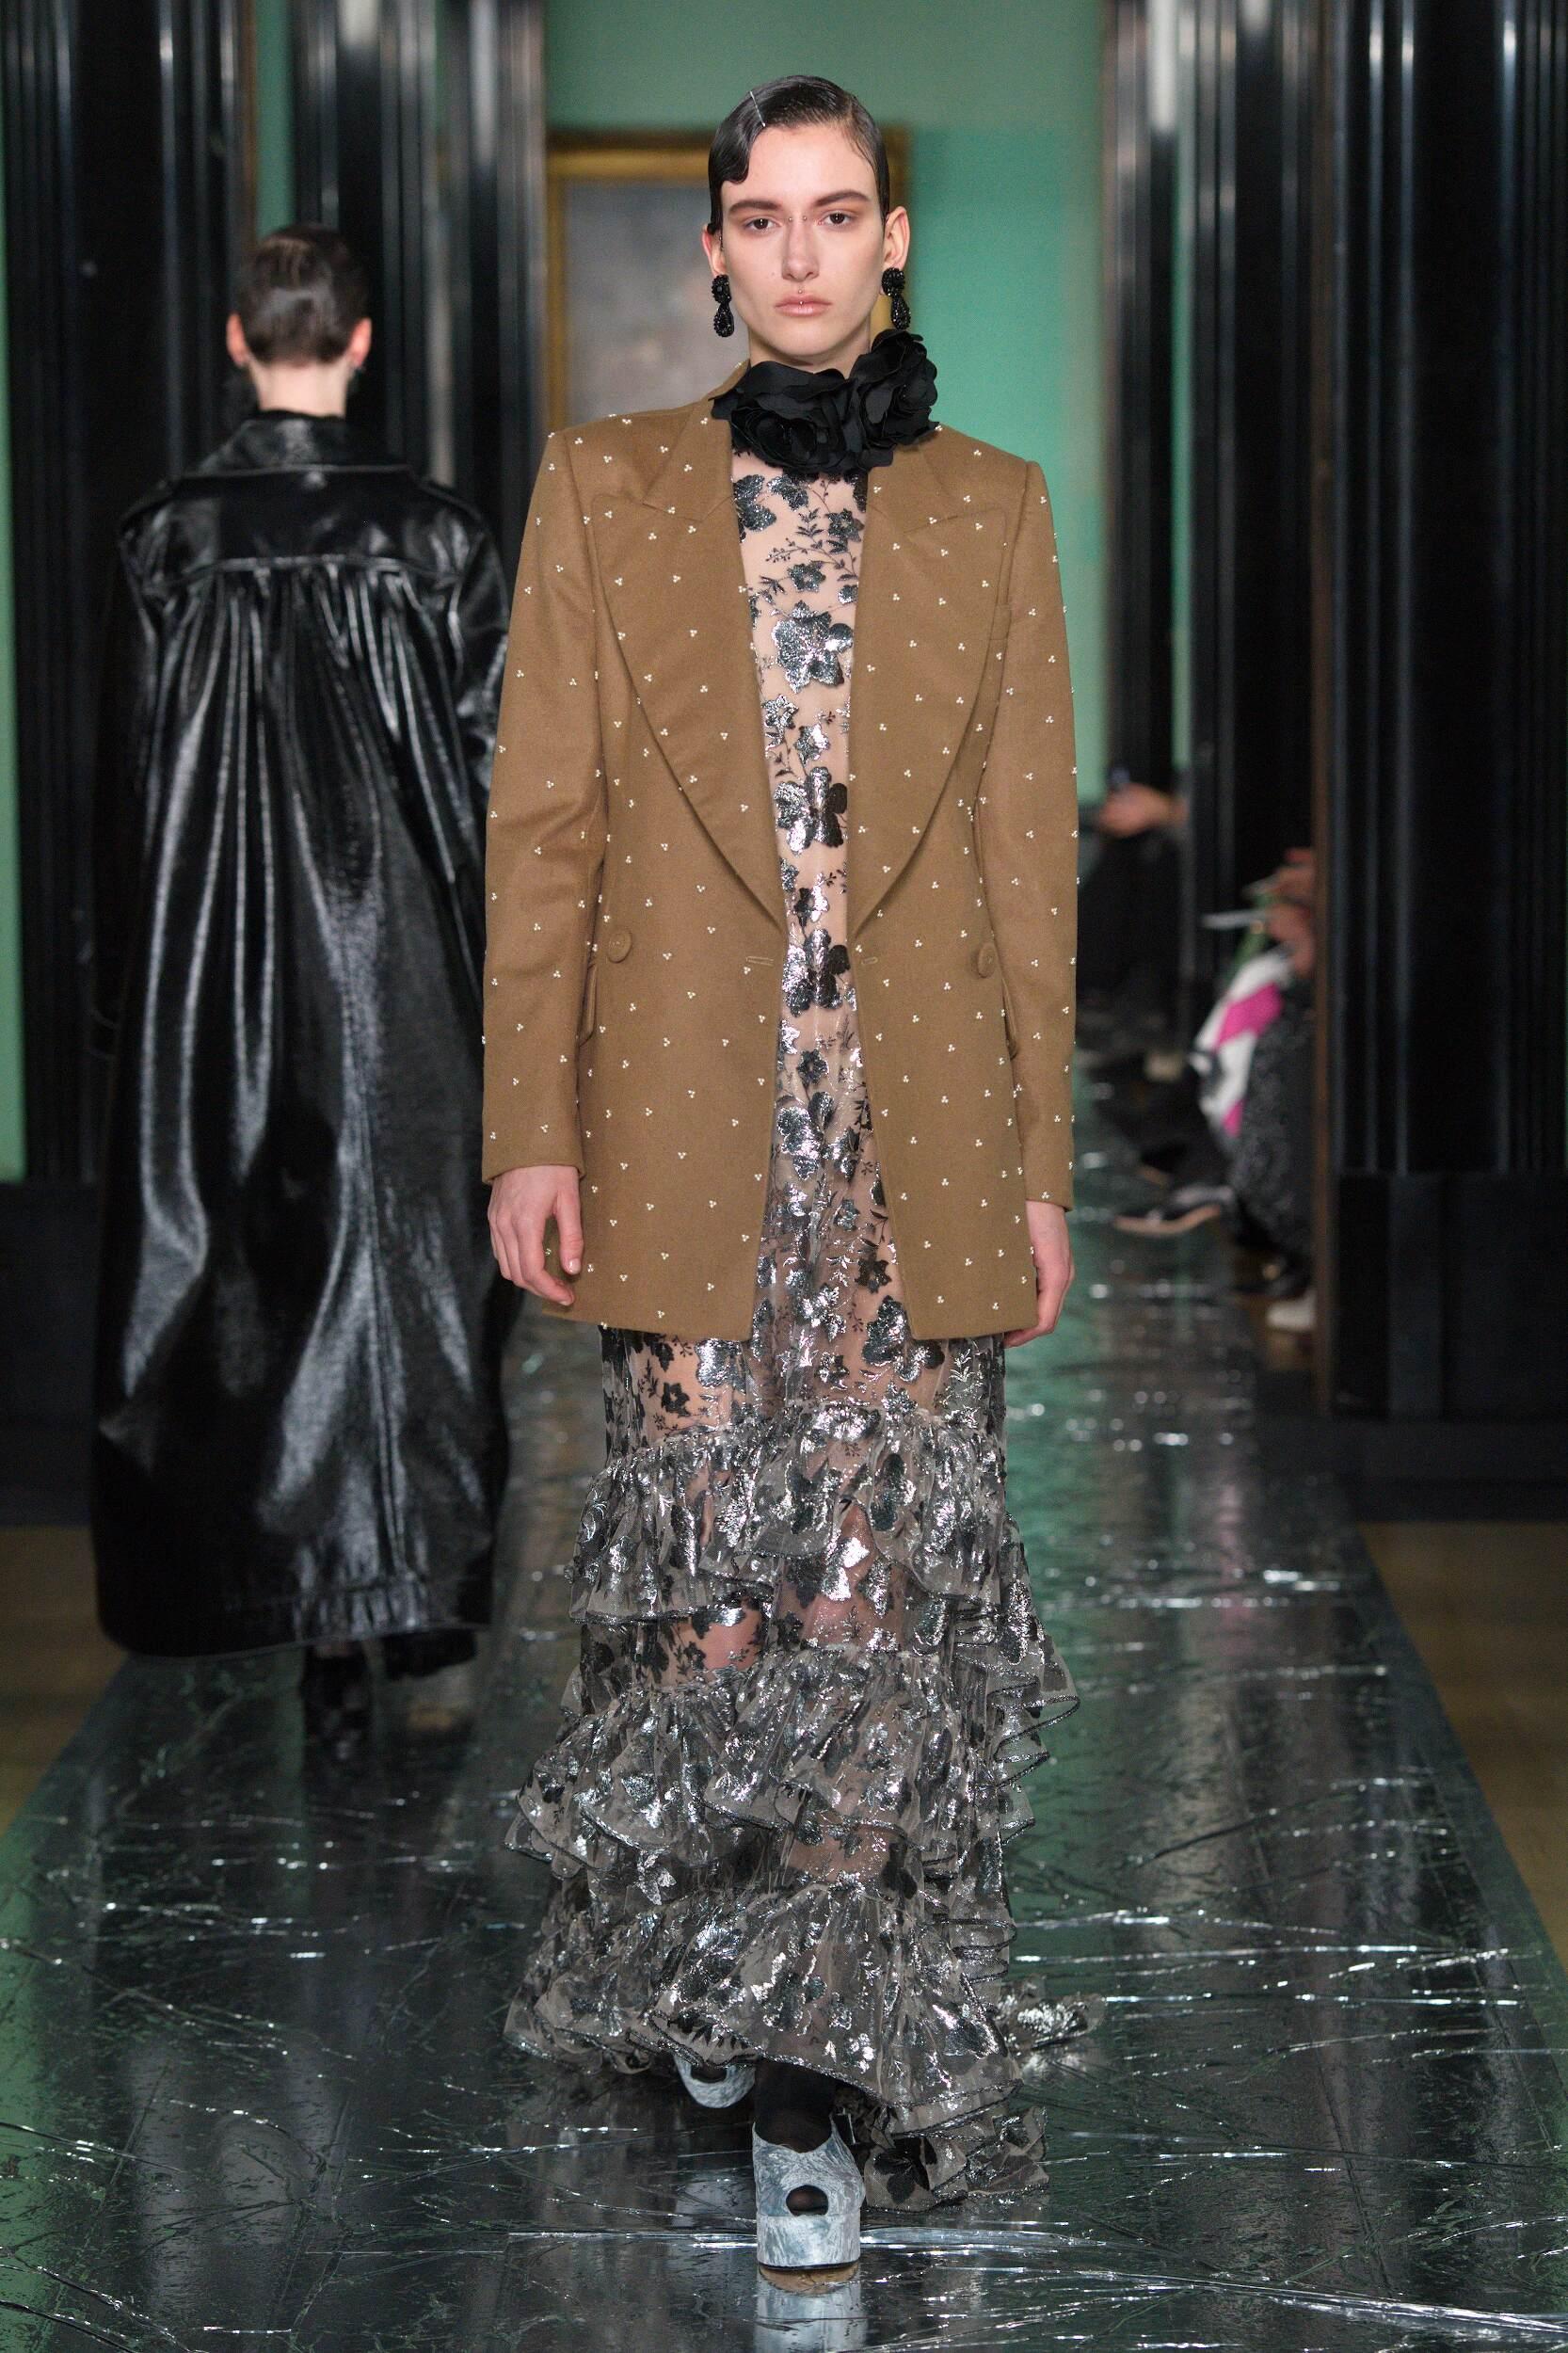 FW 2020-21 Erdem Fashion Show